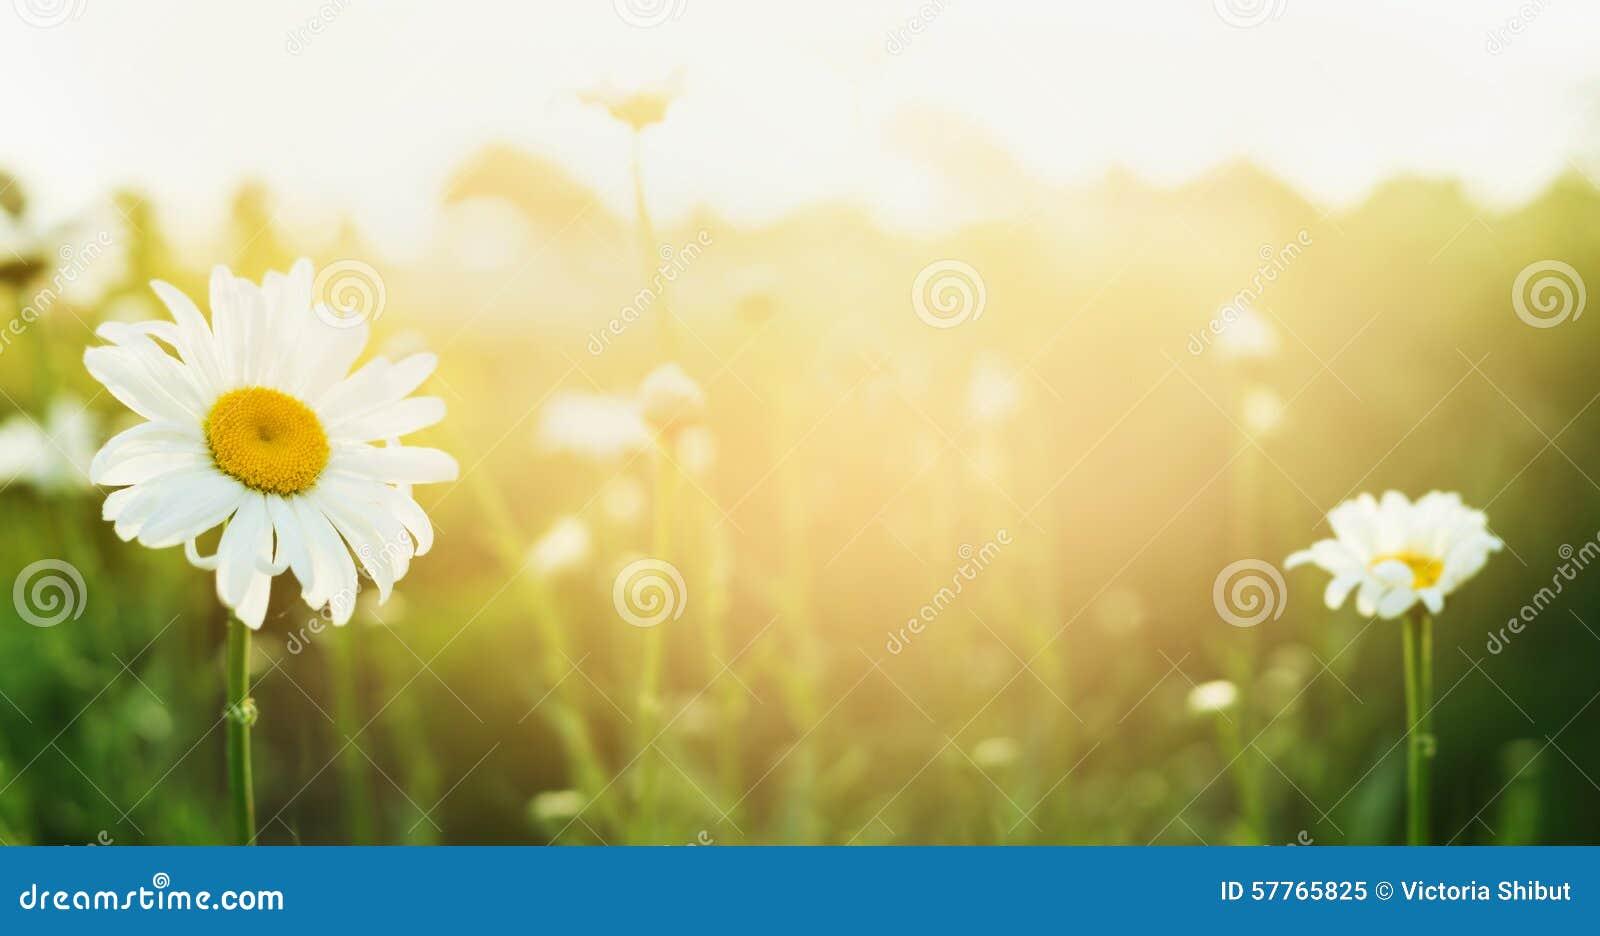 夏天与讲台和阳光,横幅的自然背景